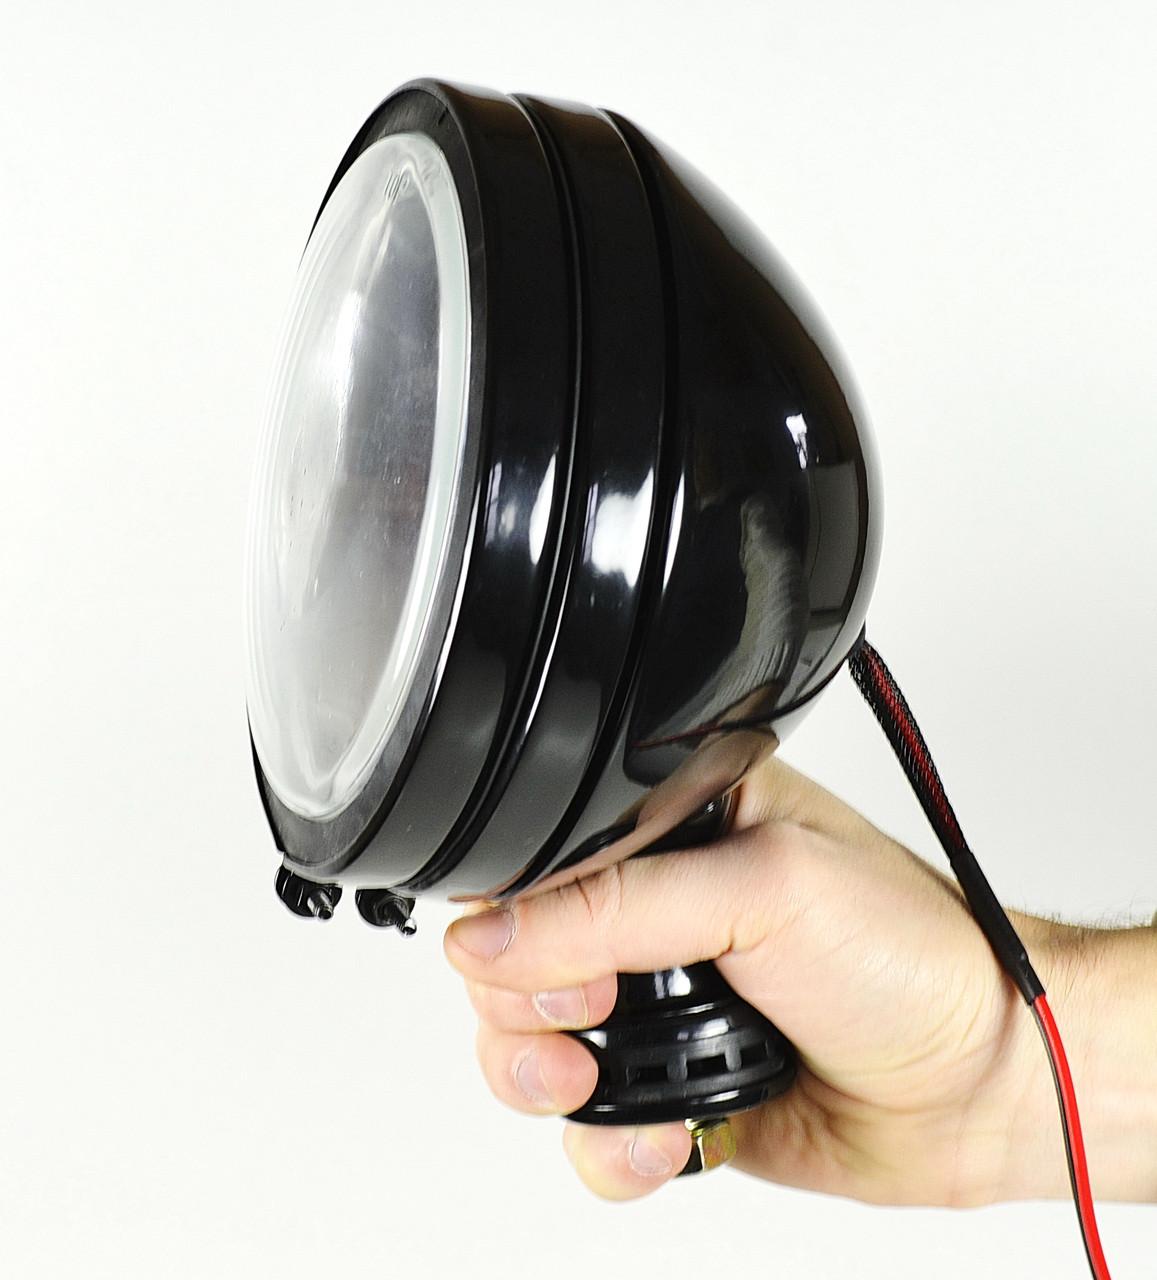 Прожектор-ксенон, корпус черный, диаметр 152мм, 3600Lm, 12В, точечный